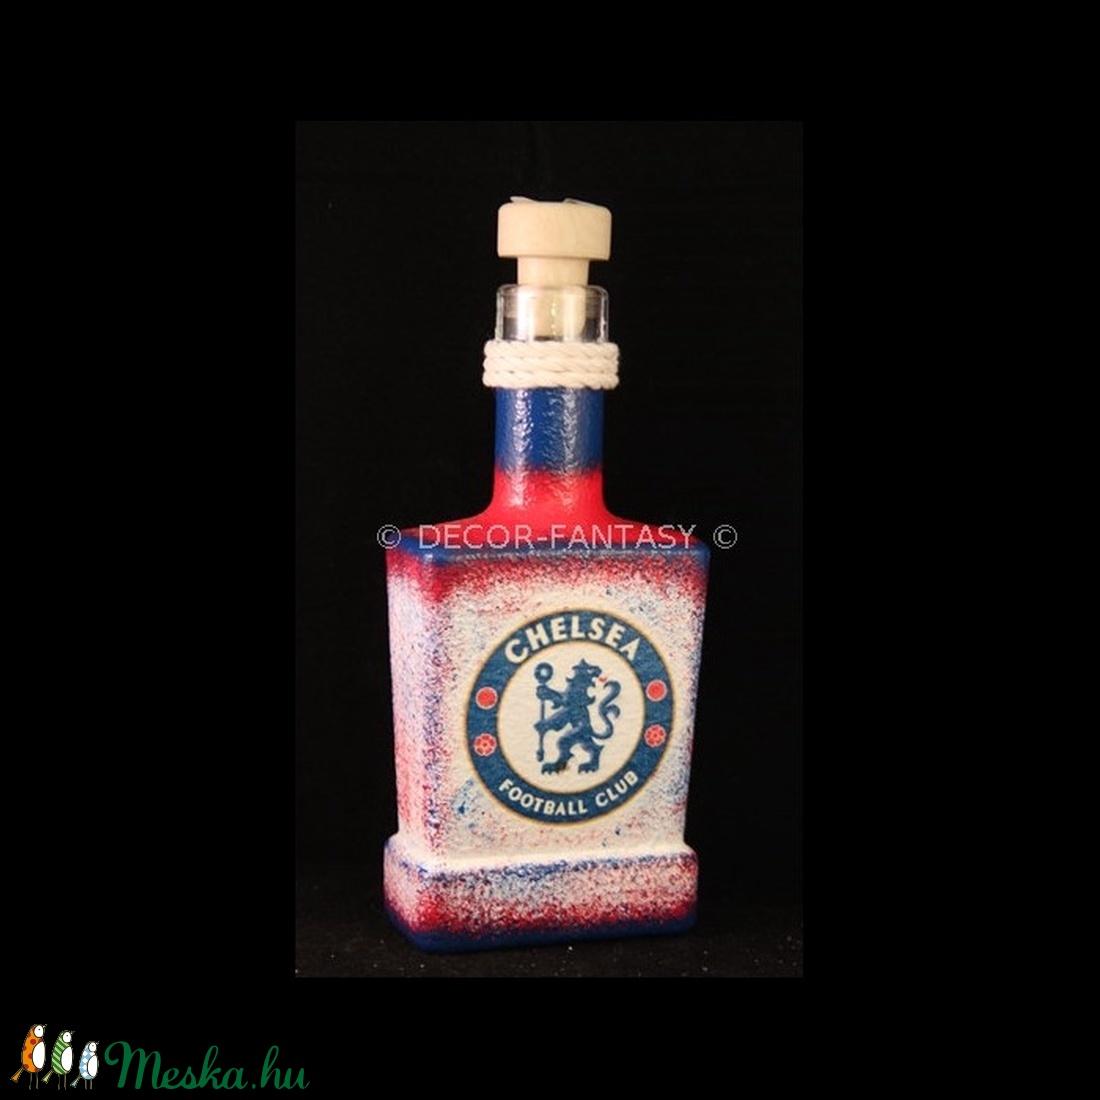 Chelsea FC emblémával díszített italos üveg ( 0,2 l )  (decorfantasy) - Meska.hu